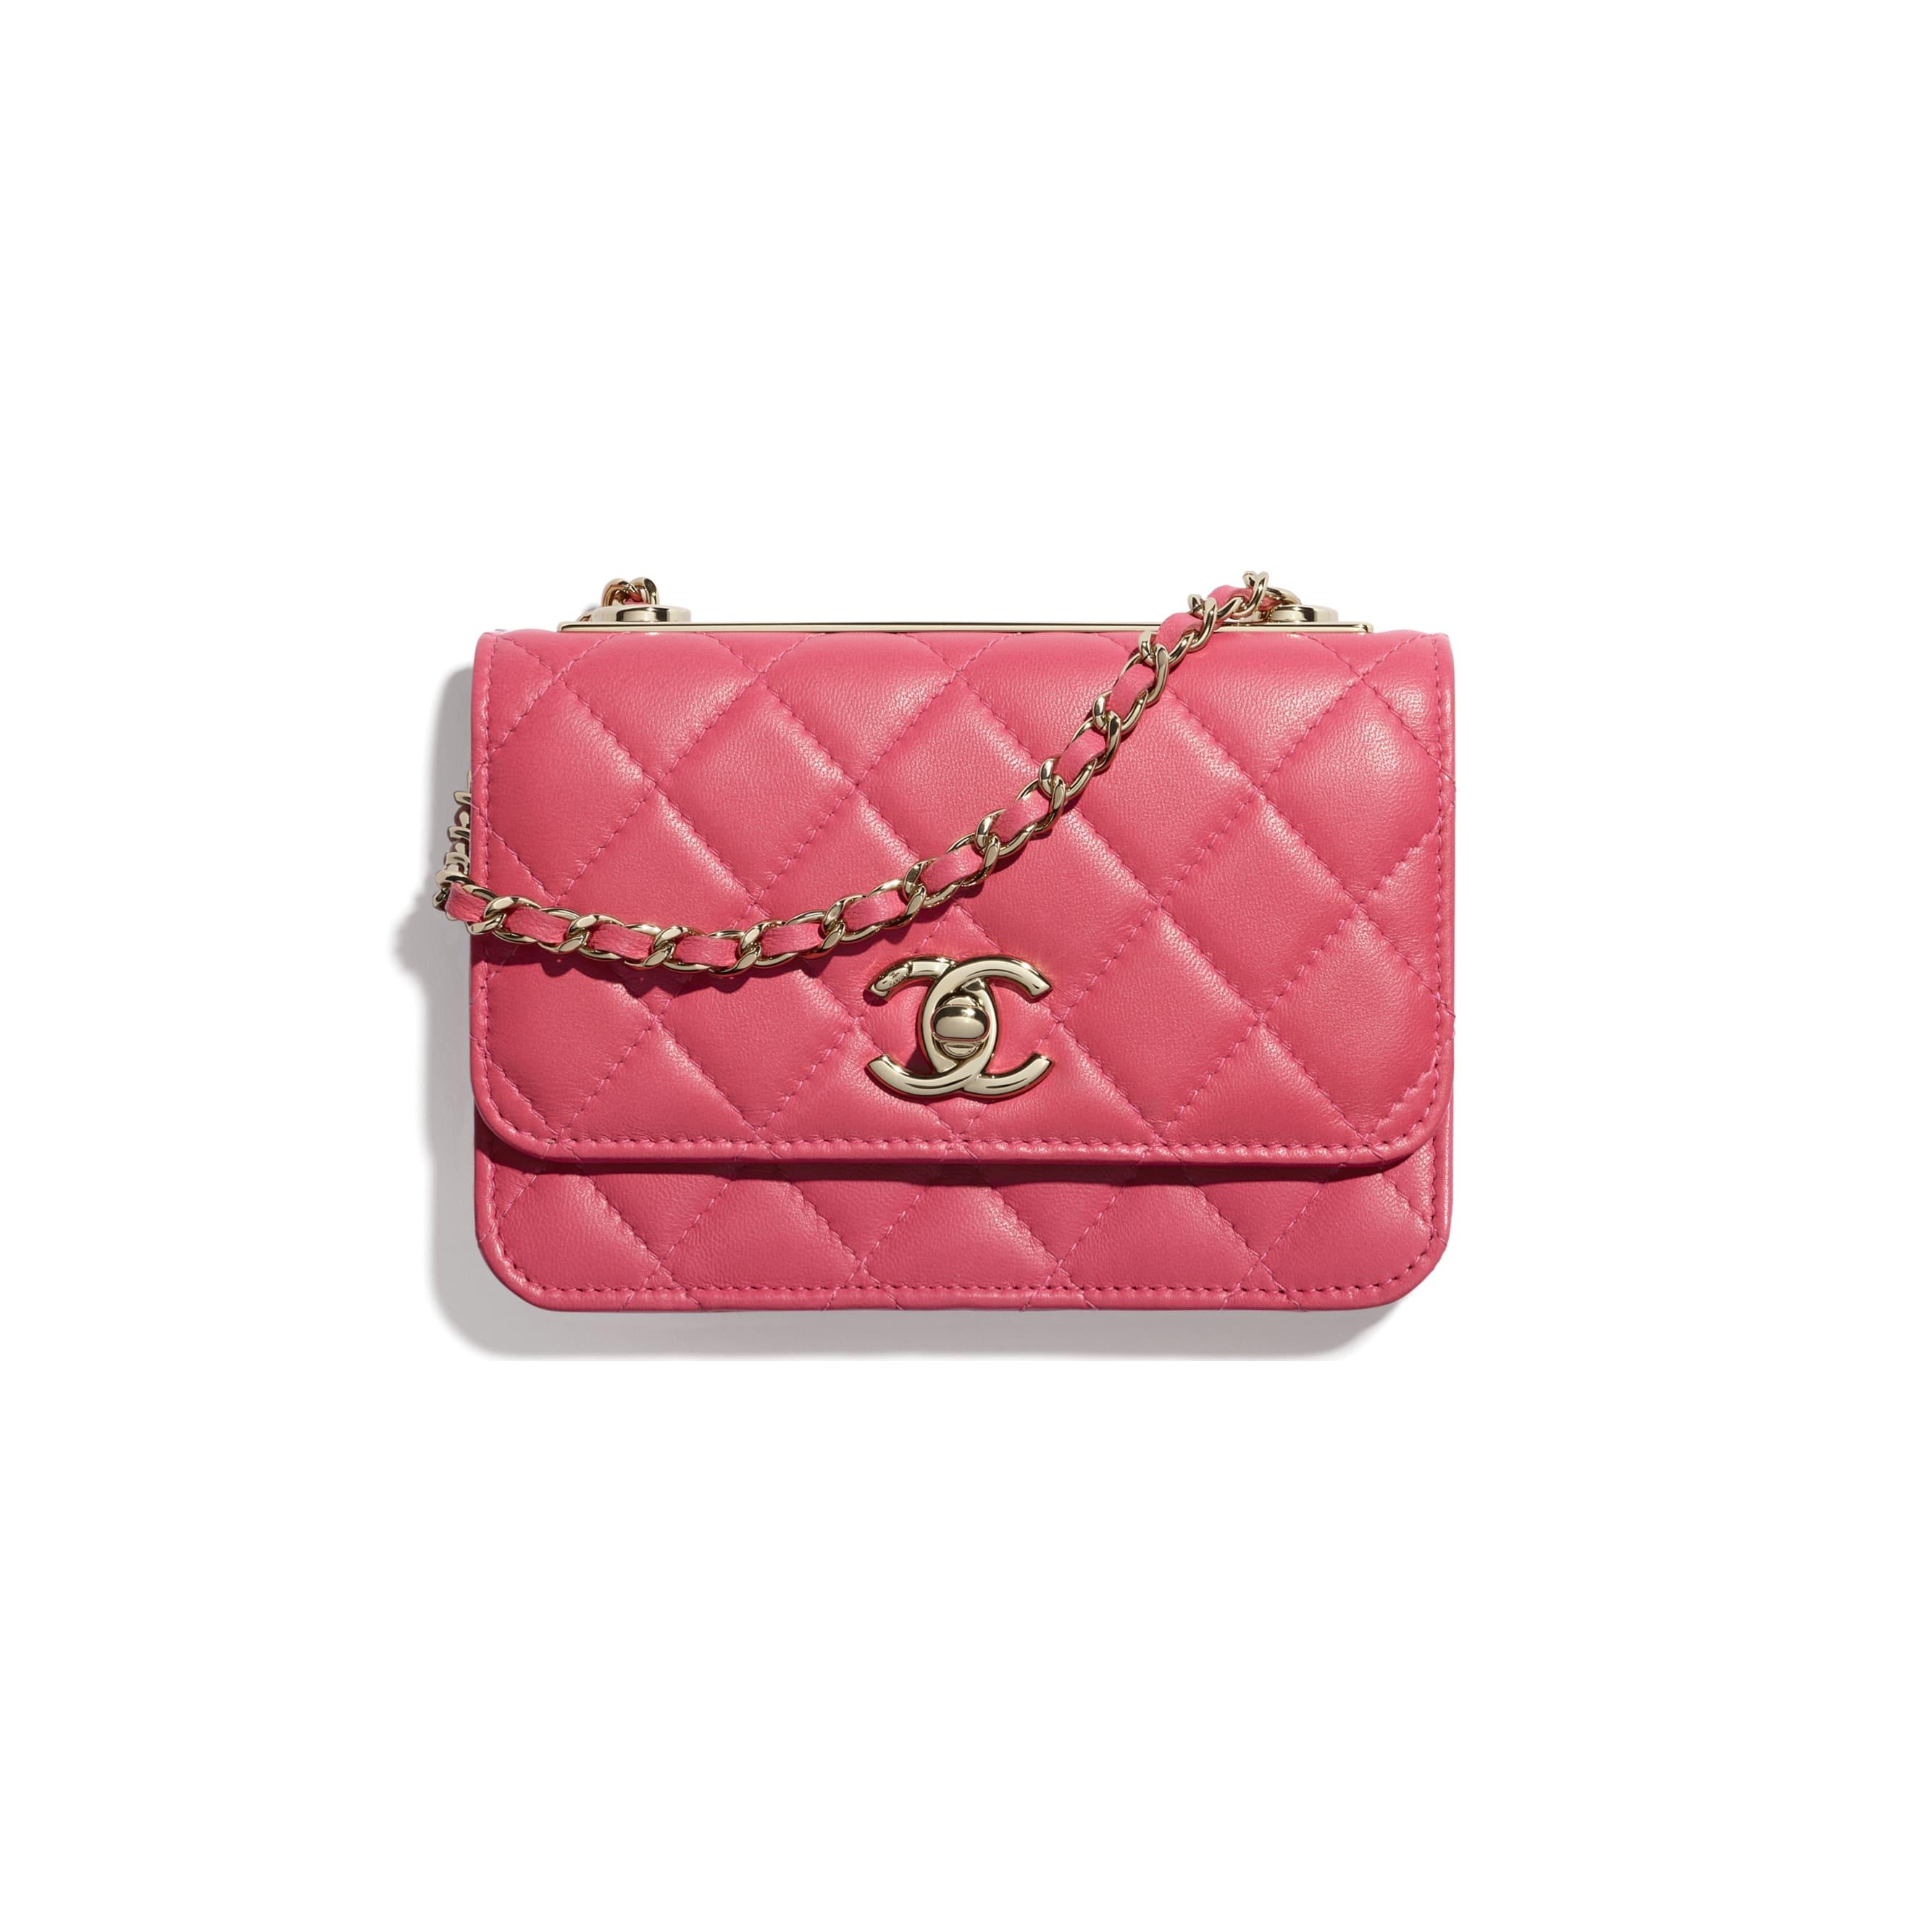 Bolso de mano con cadena - Rosa - Piel de cordero y metal dorado - CHANEL - Vista por defecto - ver la versión tamaño estándar